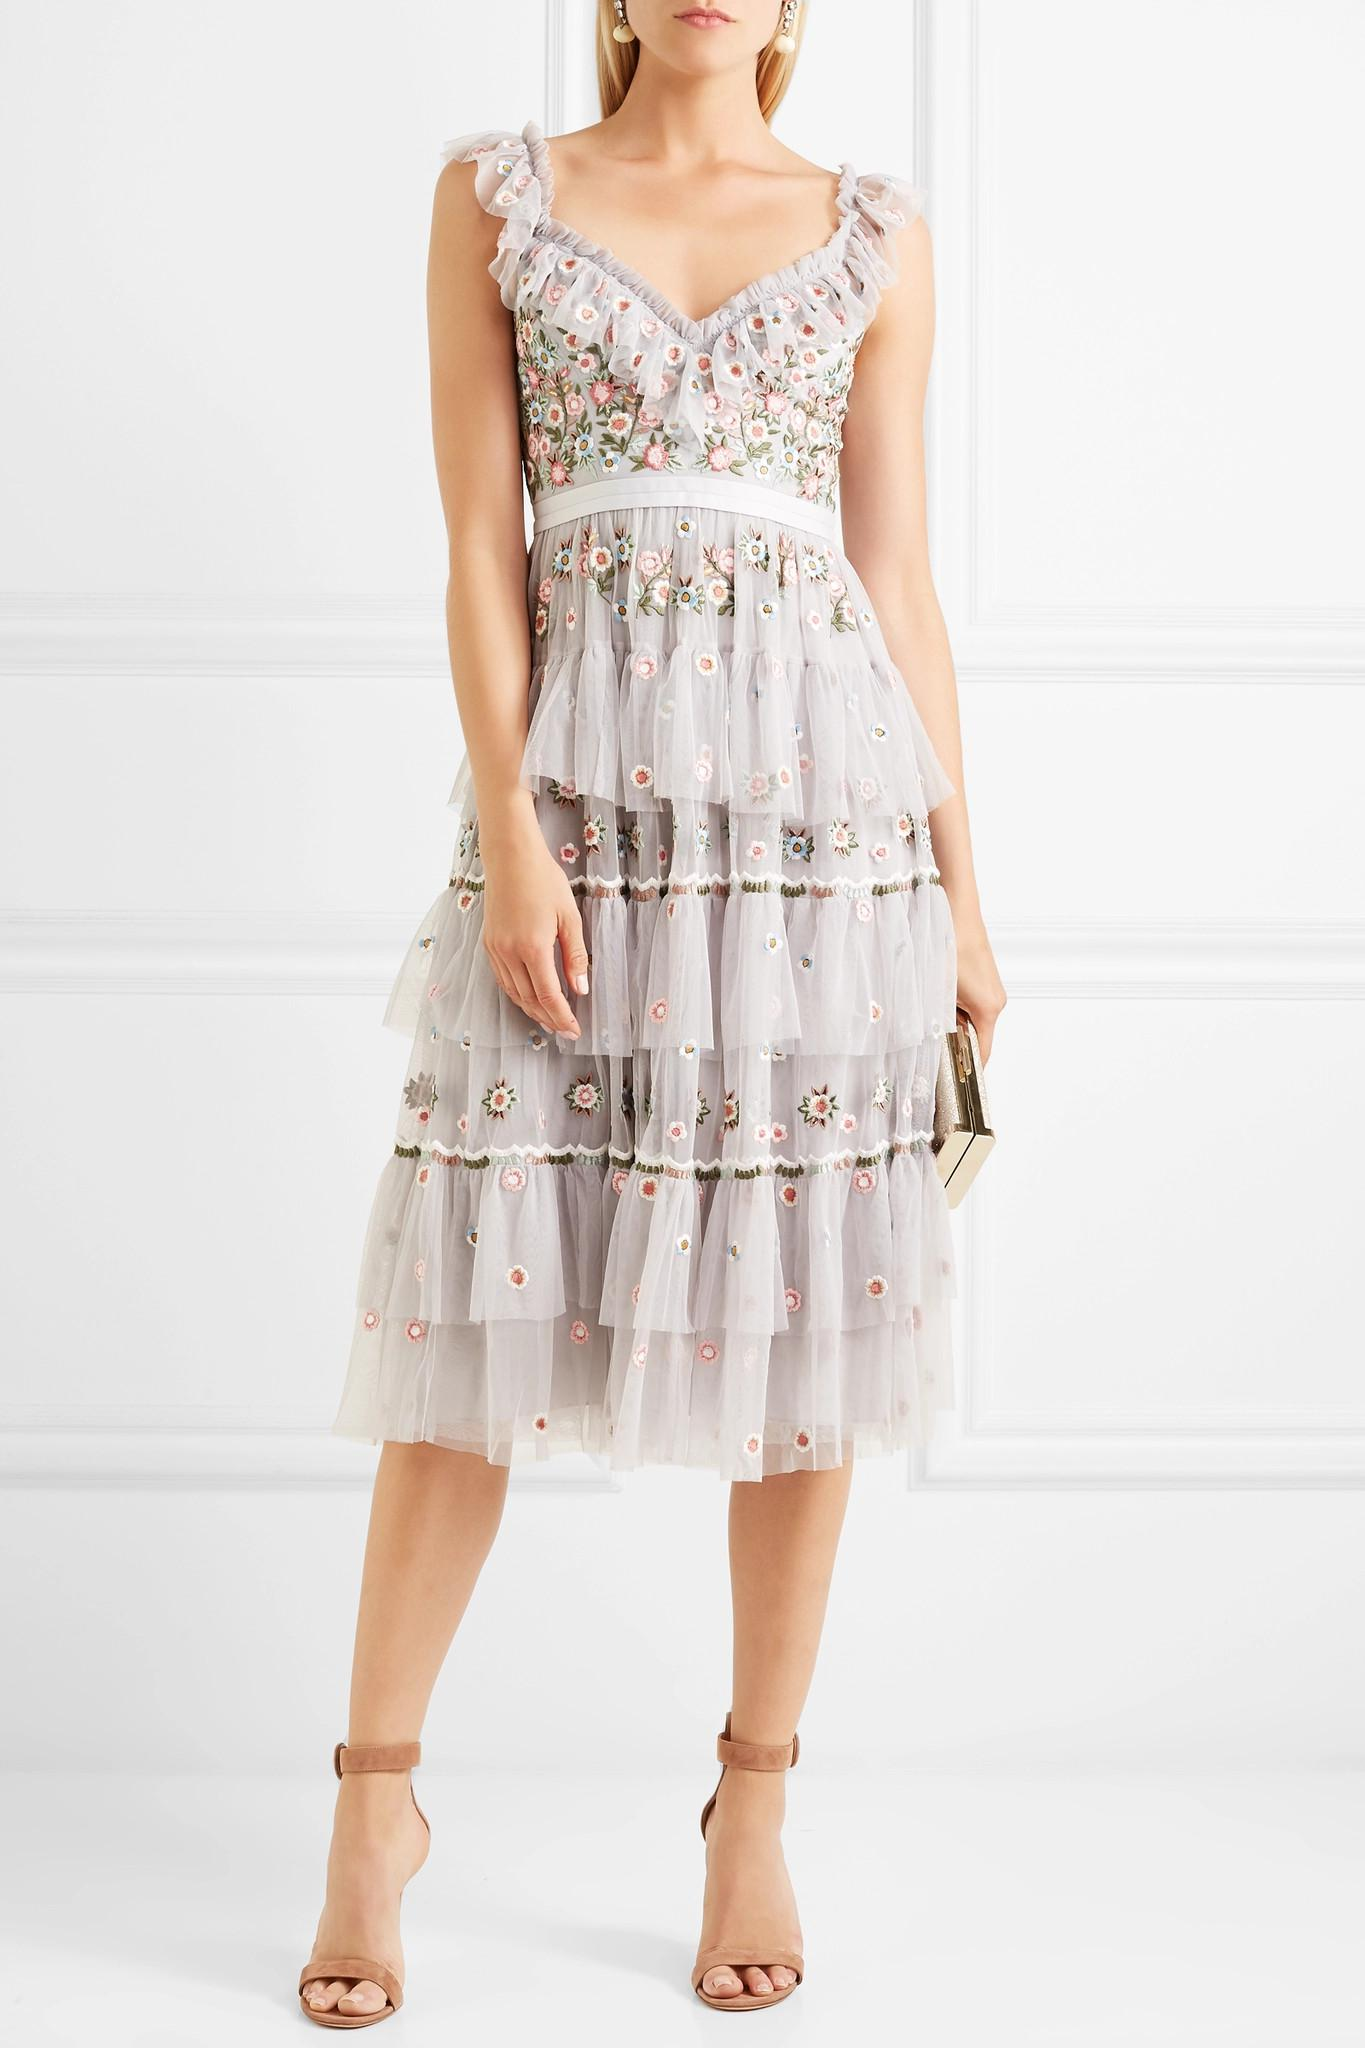 needle-thread-light-blue-Whimsical-Tiered-Embroidered-Tulle-Midi-Dress.jpeg efddee3deaffb